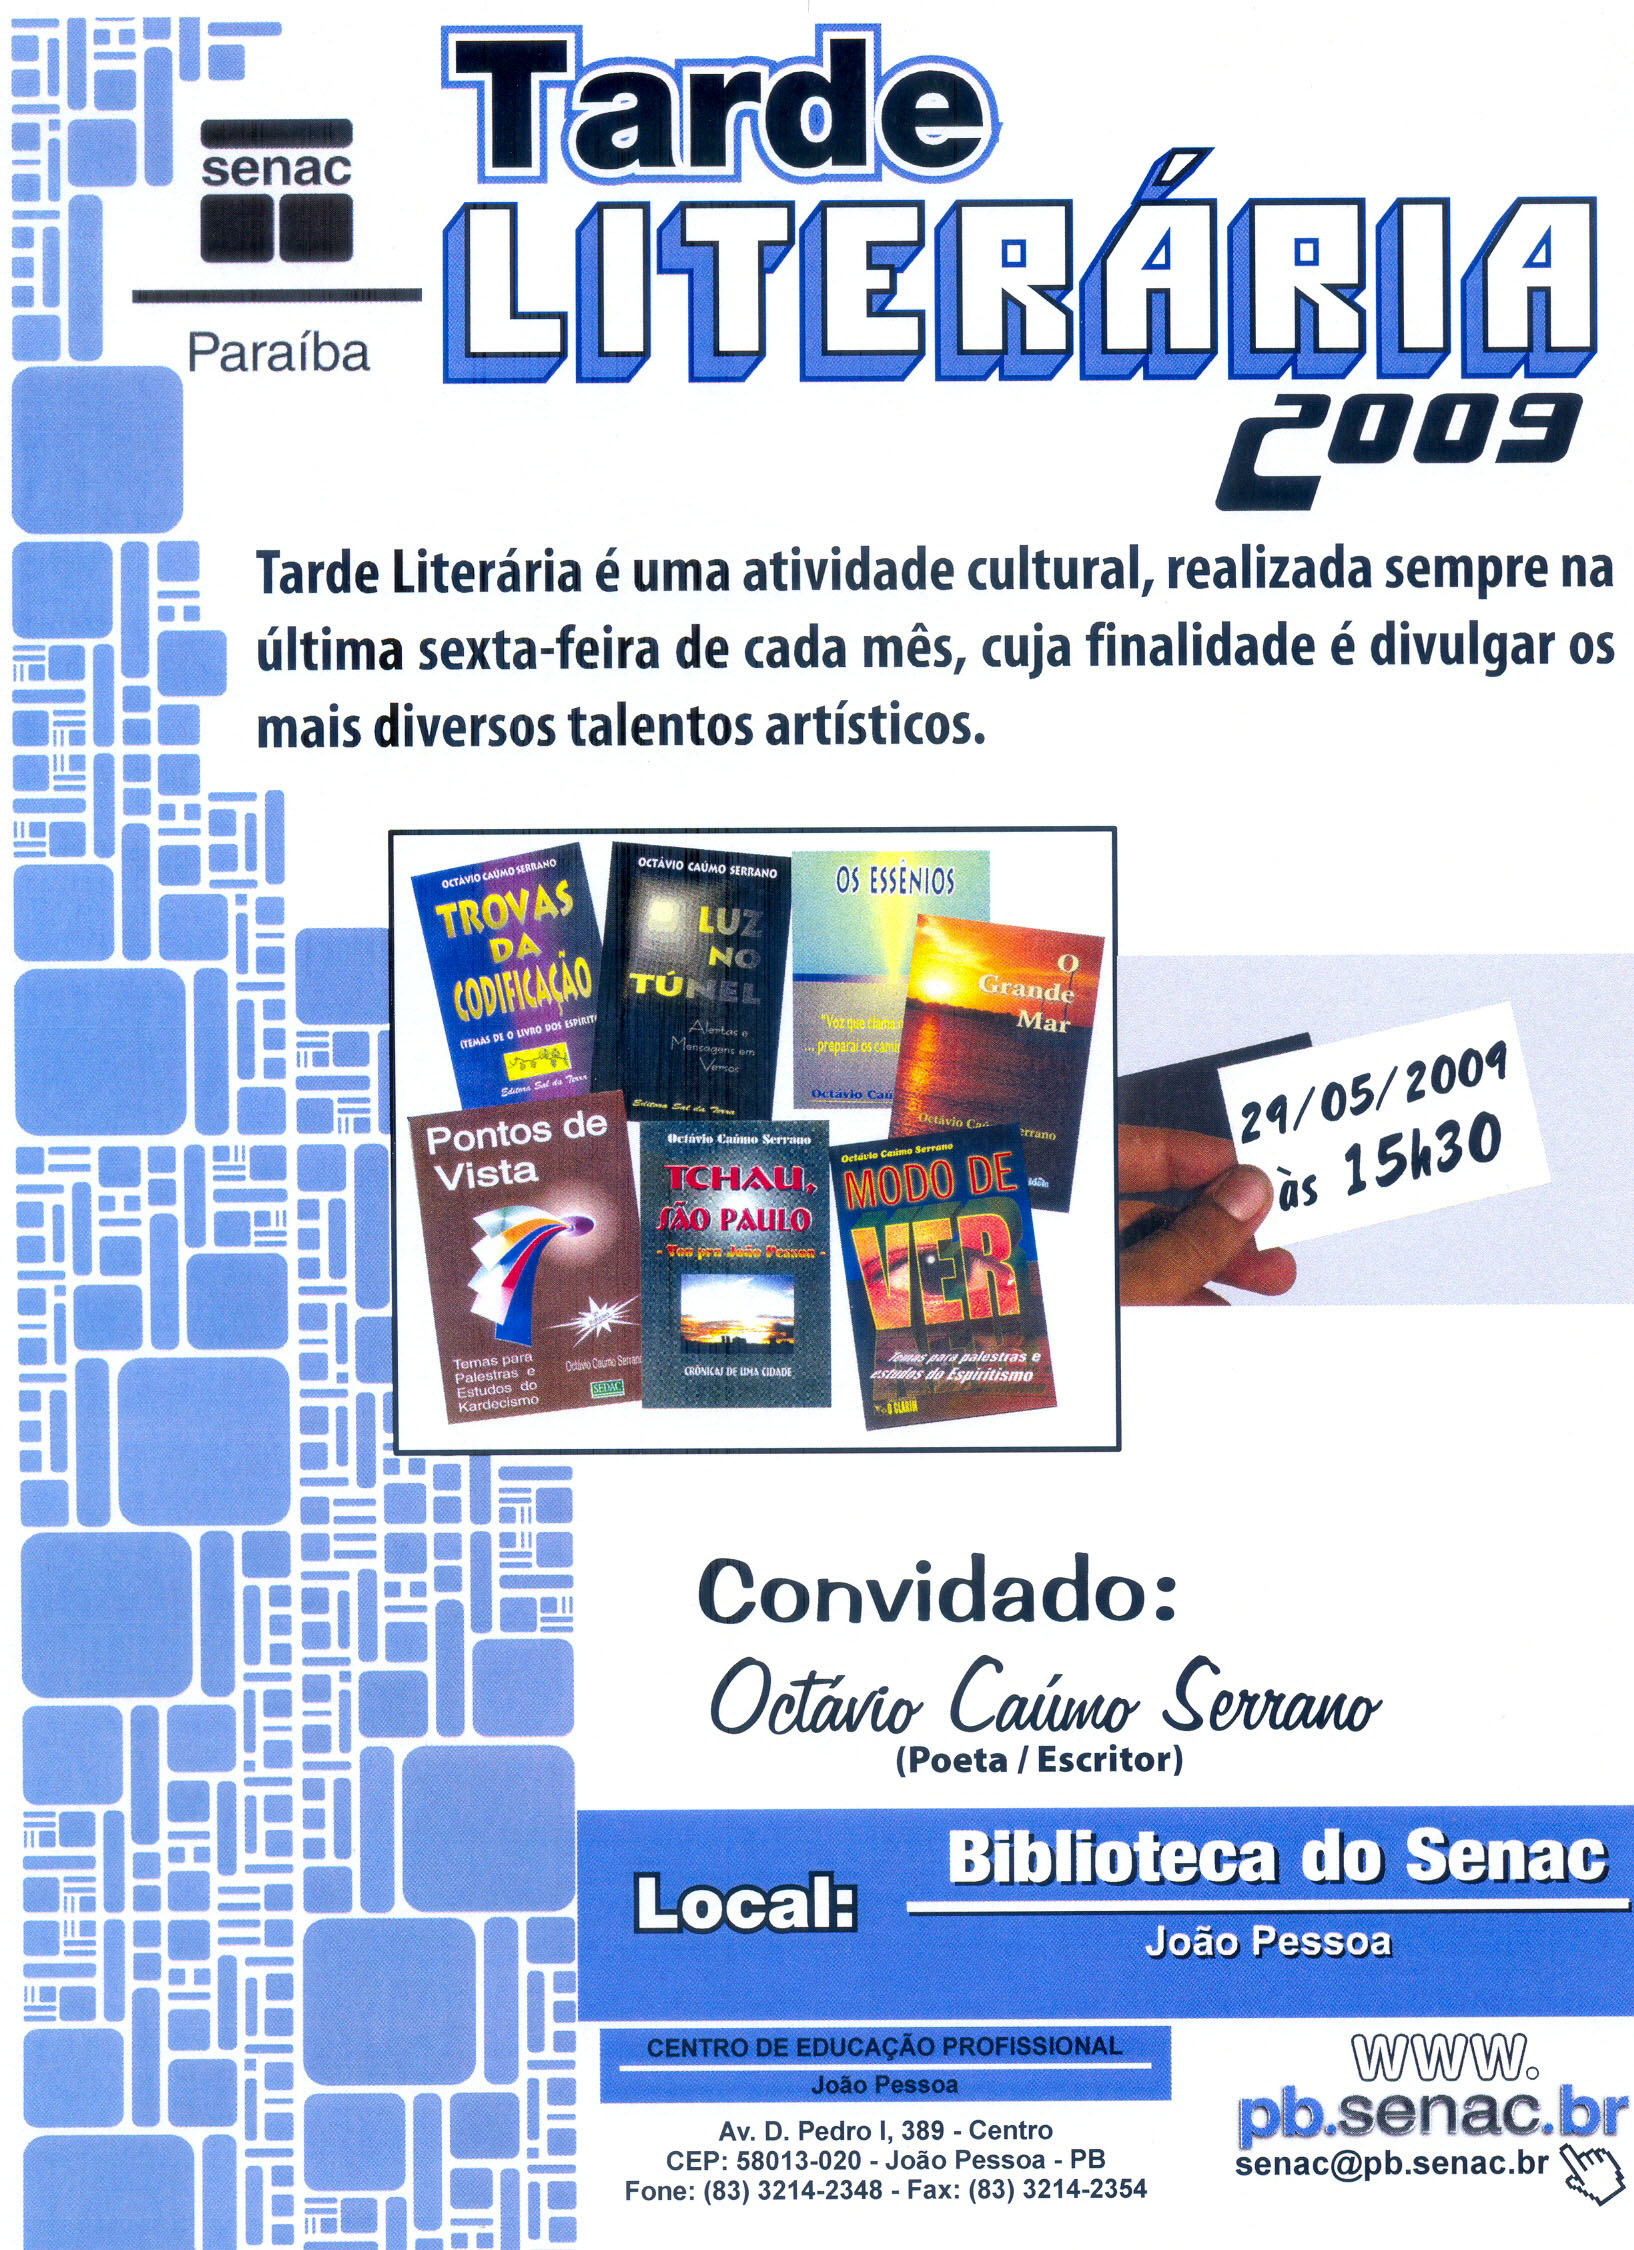 Senac_Octavio